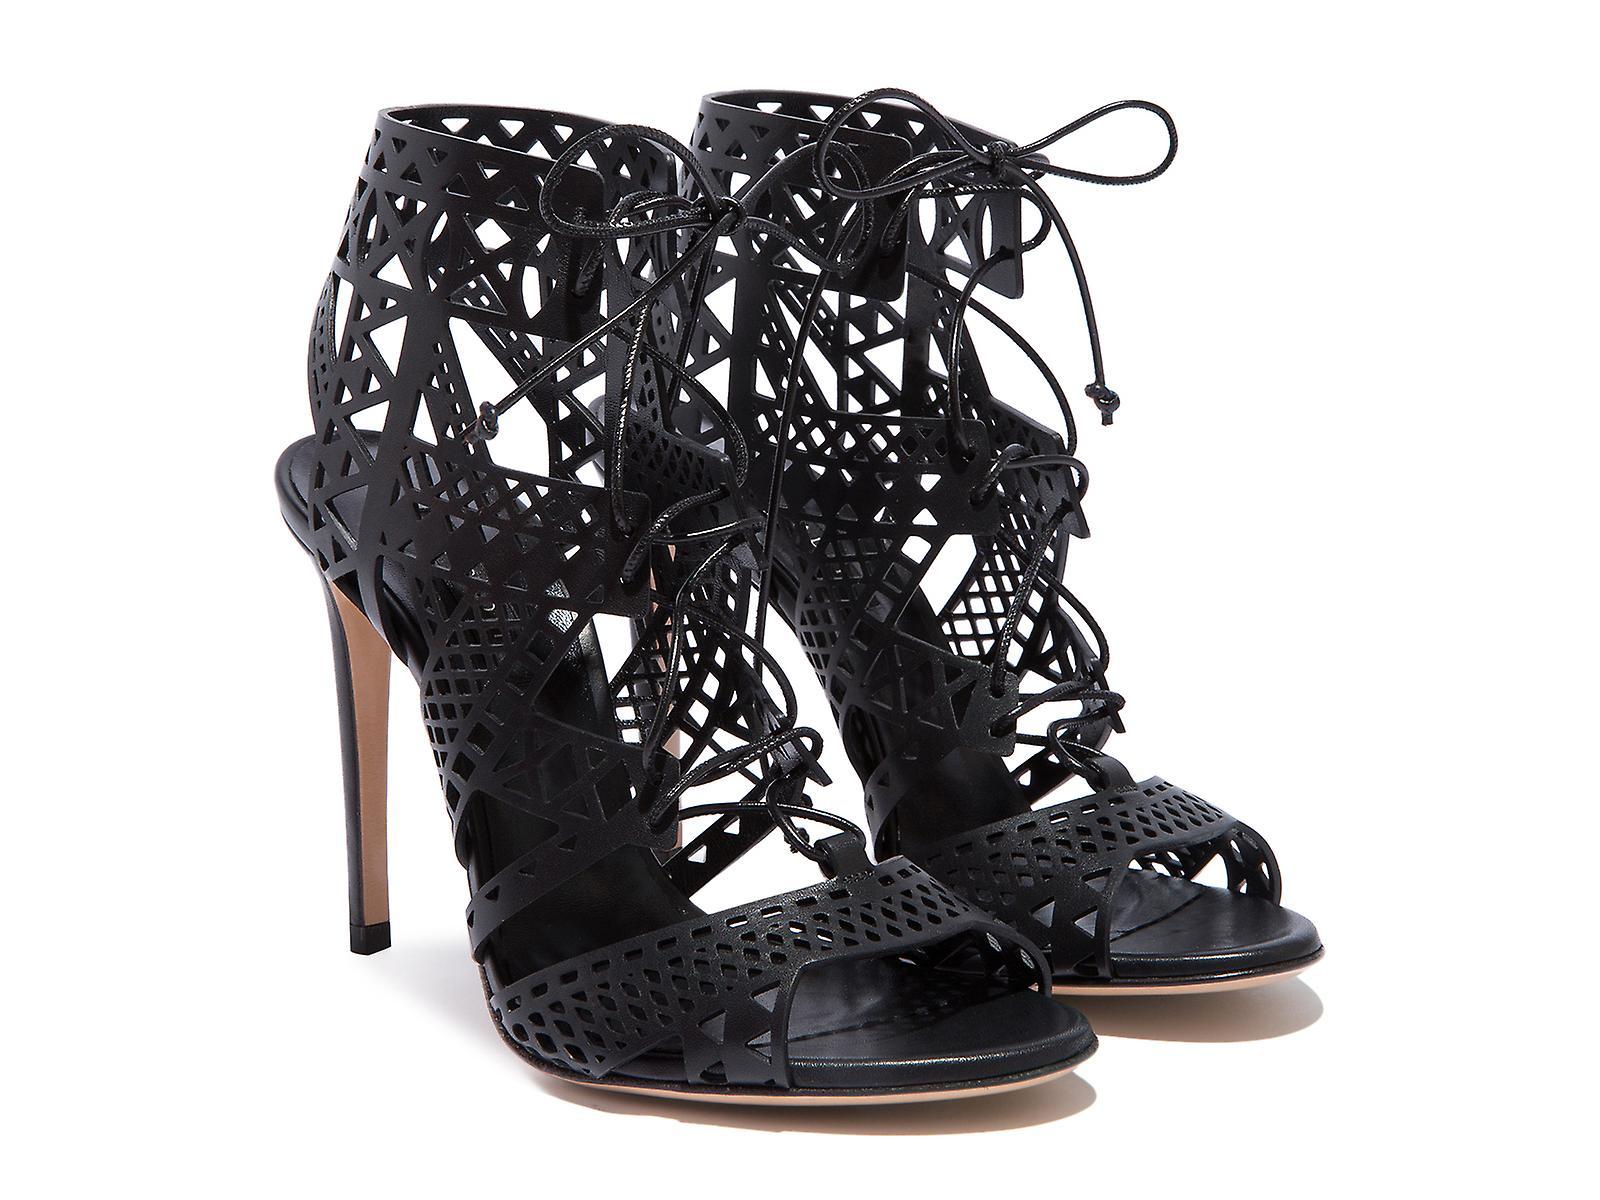 Casadei evening black high stiletto heels sandals